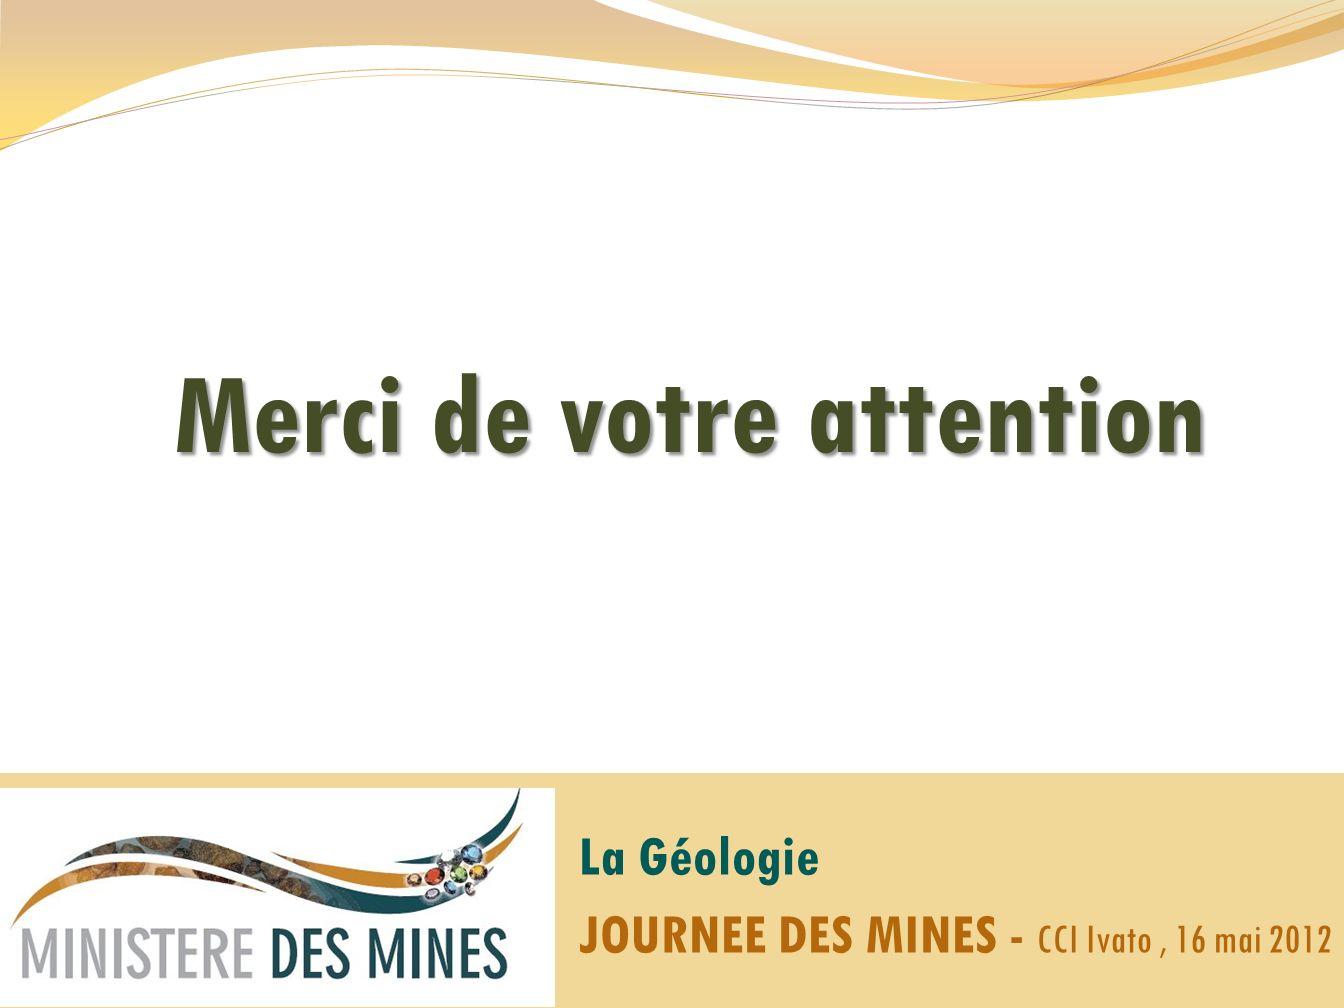 Merci de votre attention La Géologie JOURNEE DES MINES - CCI Ivato, 16 mai 2012